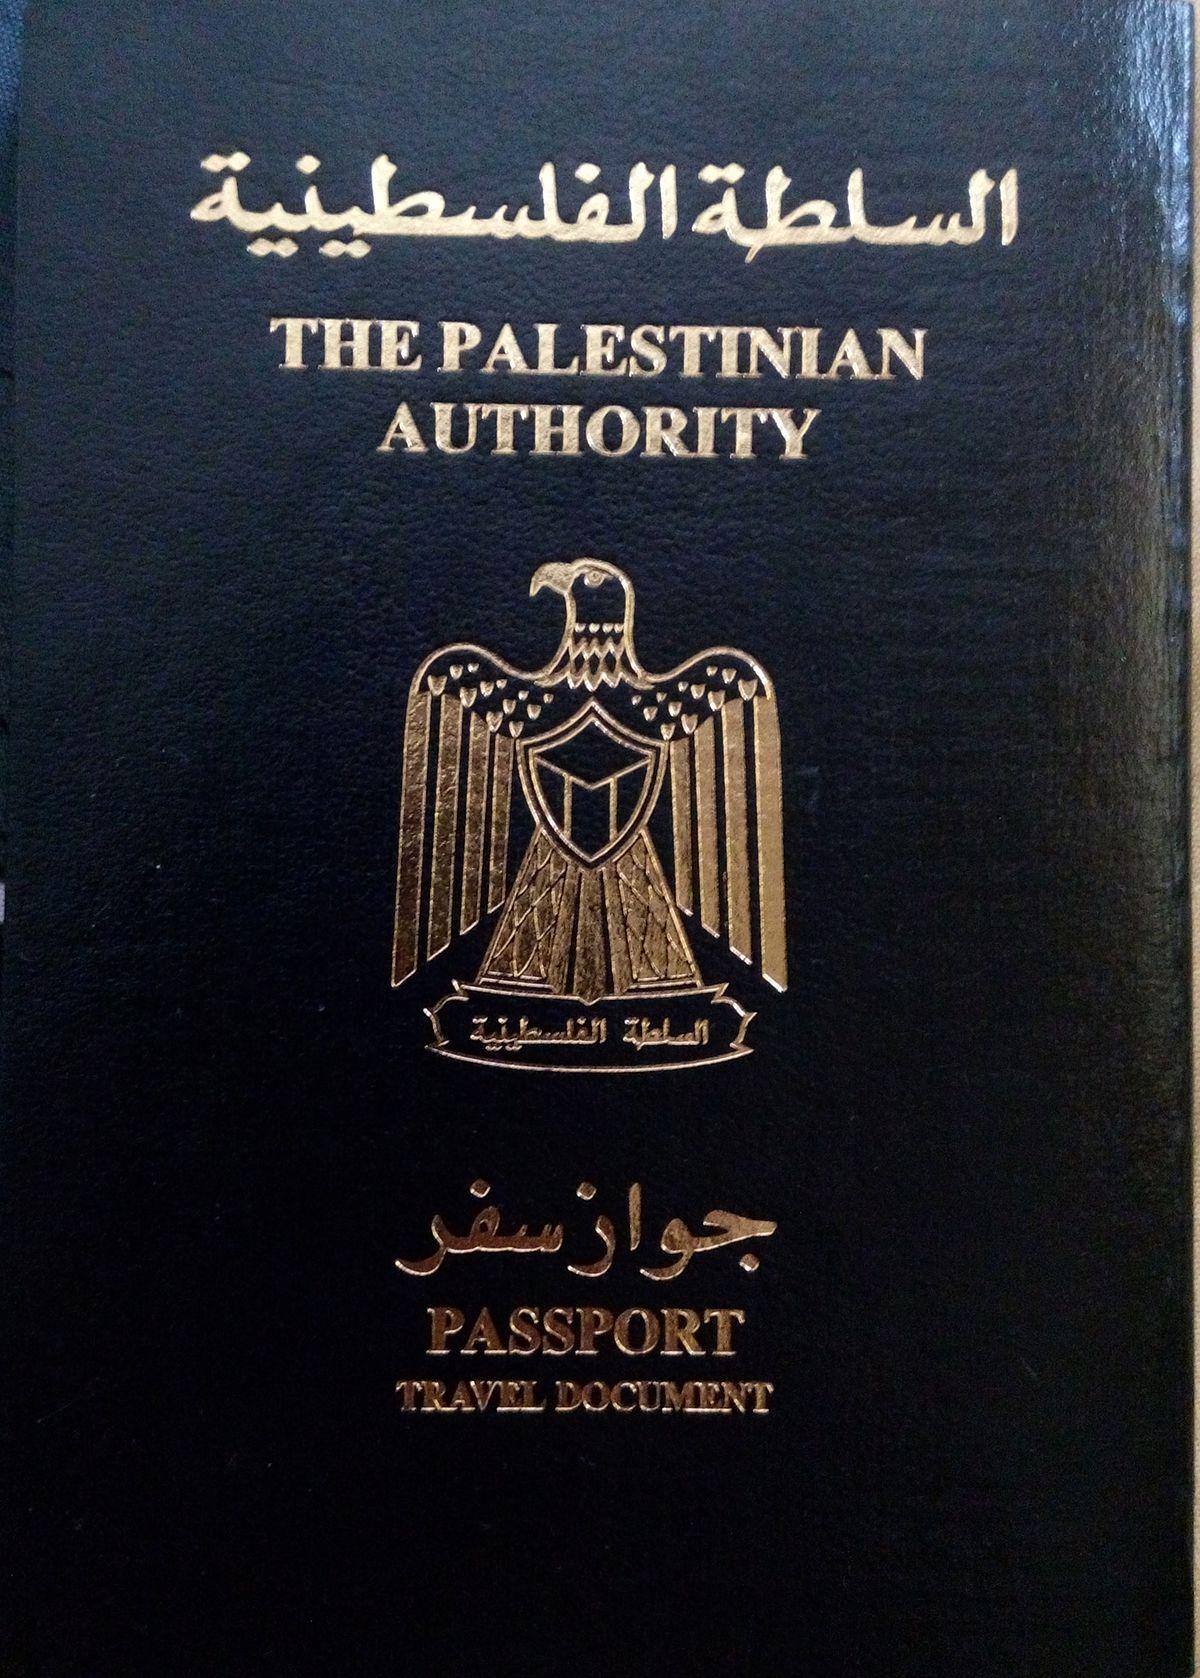 بالصور صور جواز سفر , صور مجموعة جوازات السفر جميع الدول 2954 15